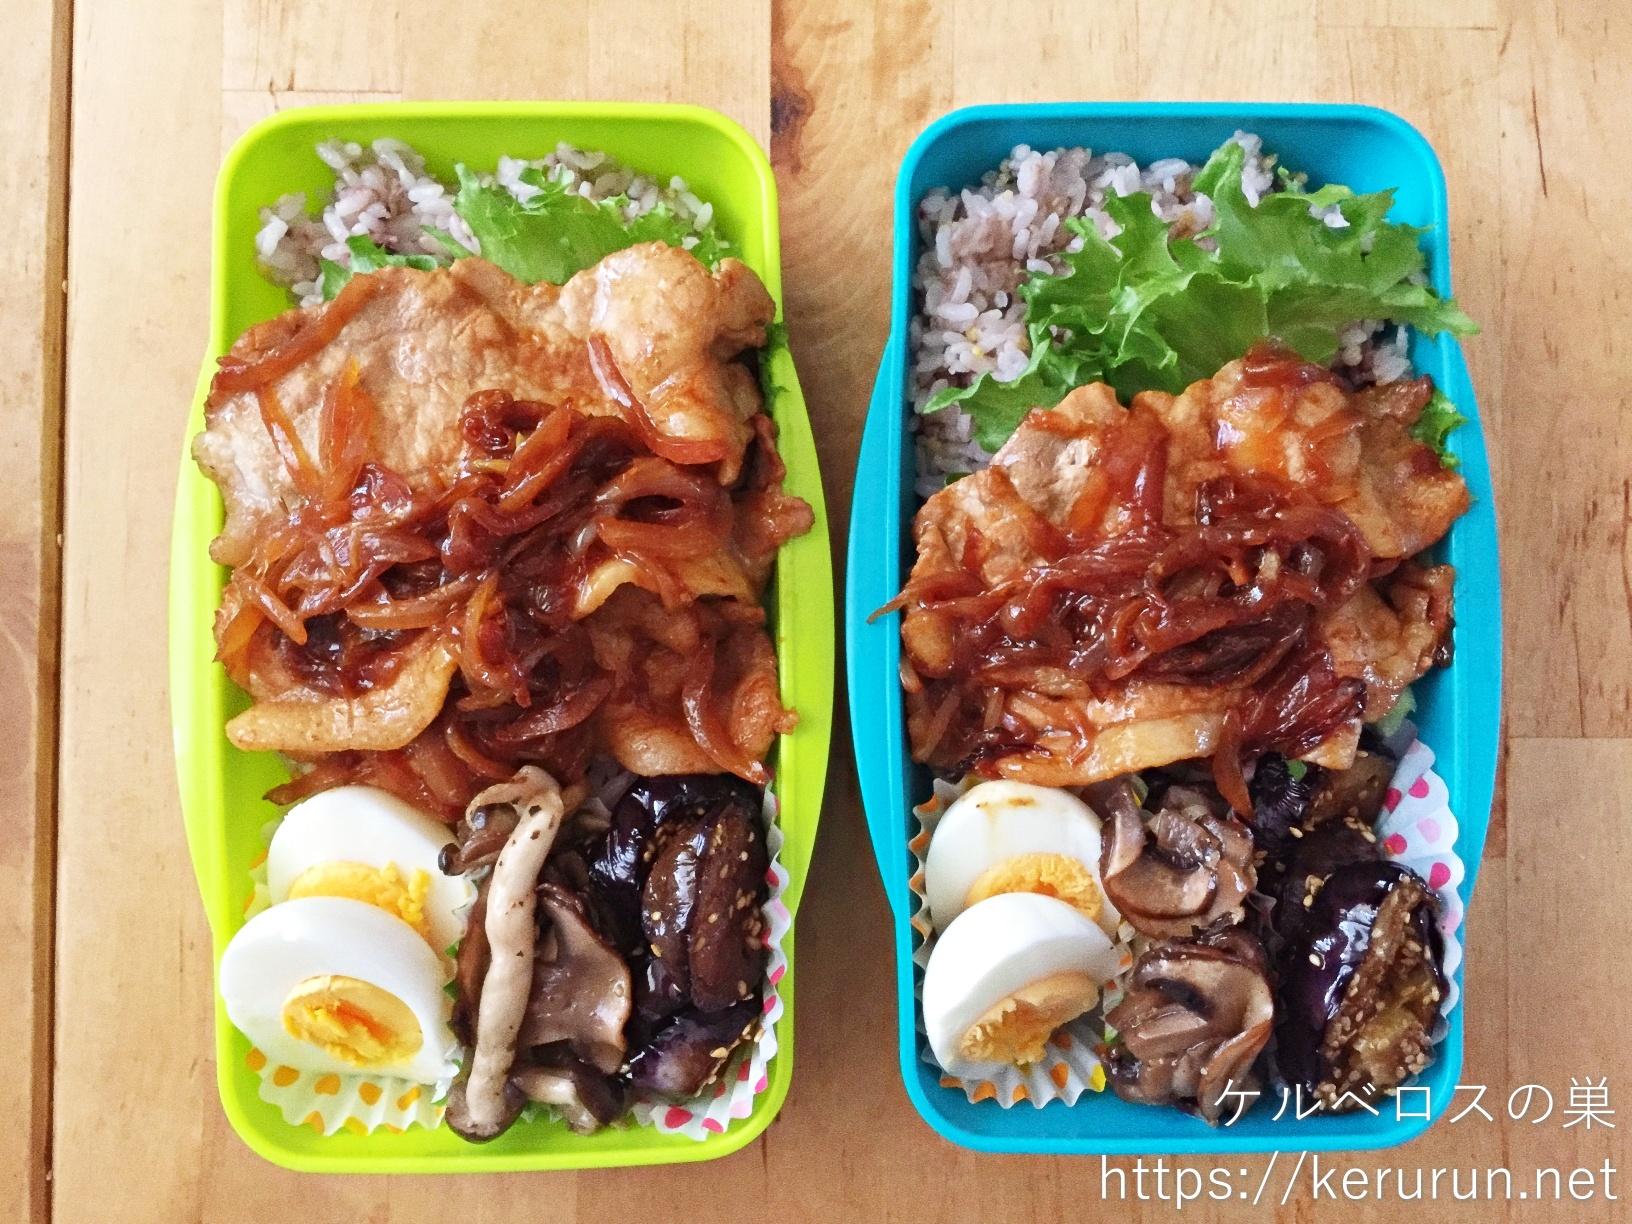 コストコの豚ロースで作る生姜焼き弁当